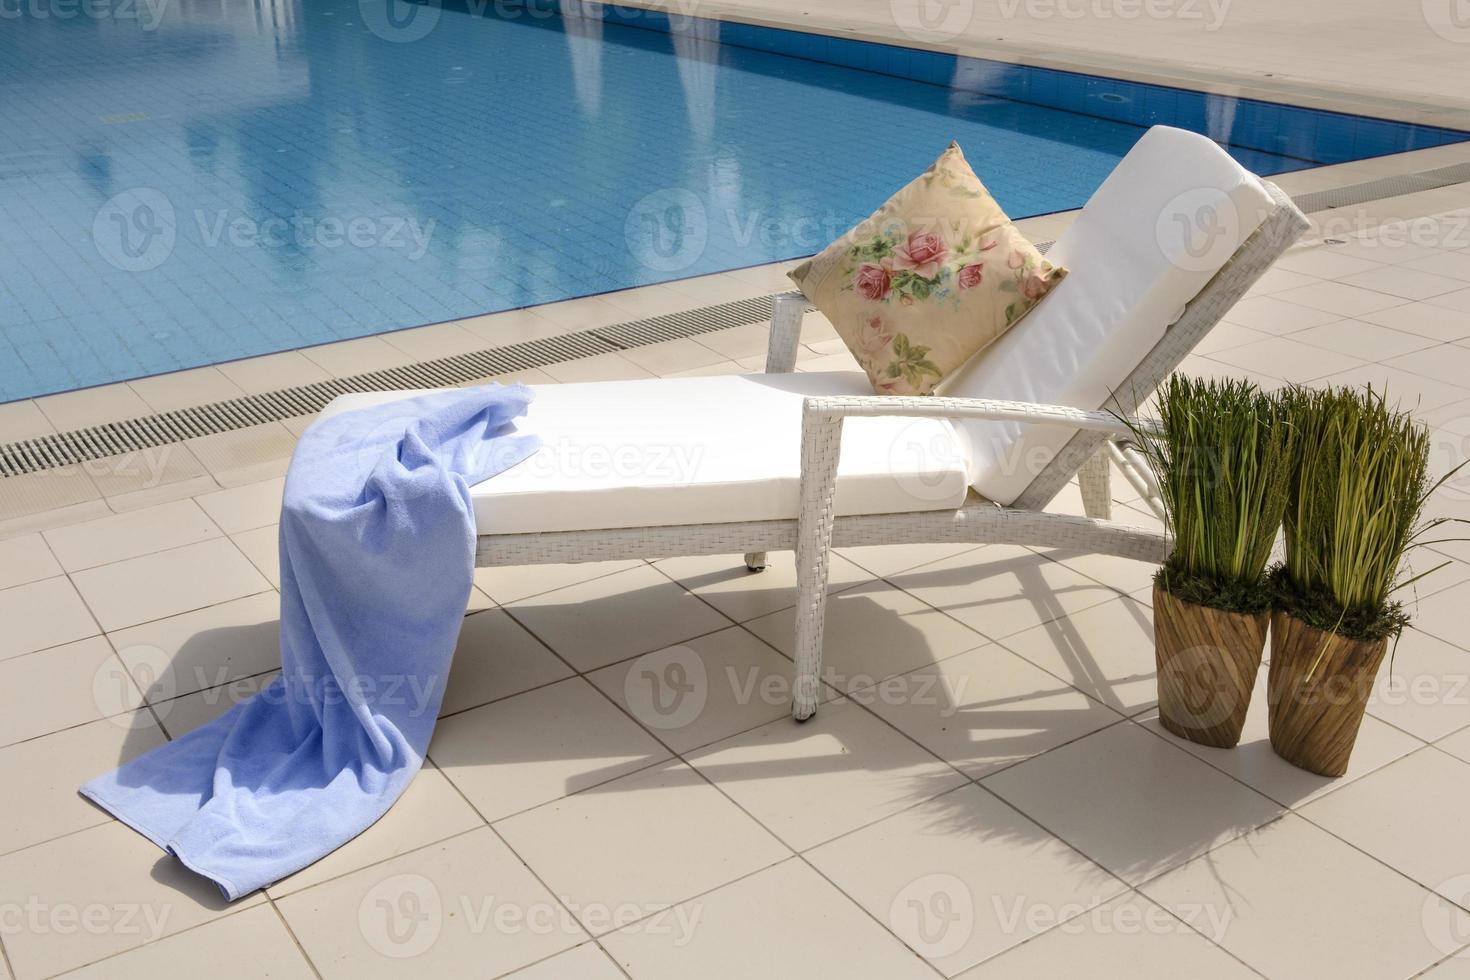 espreguiçadeira ao lado da piscina em um hotel de luxo foto